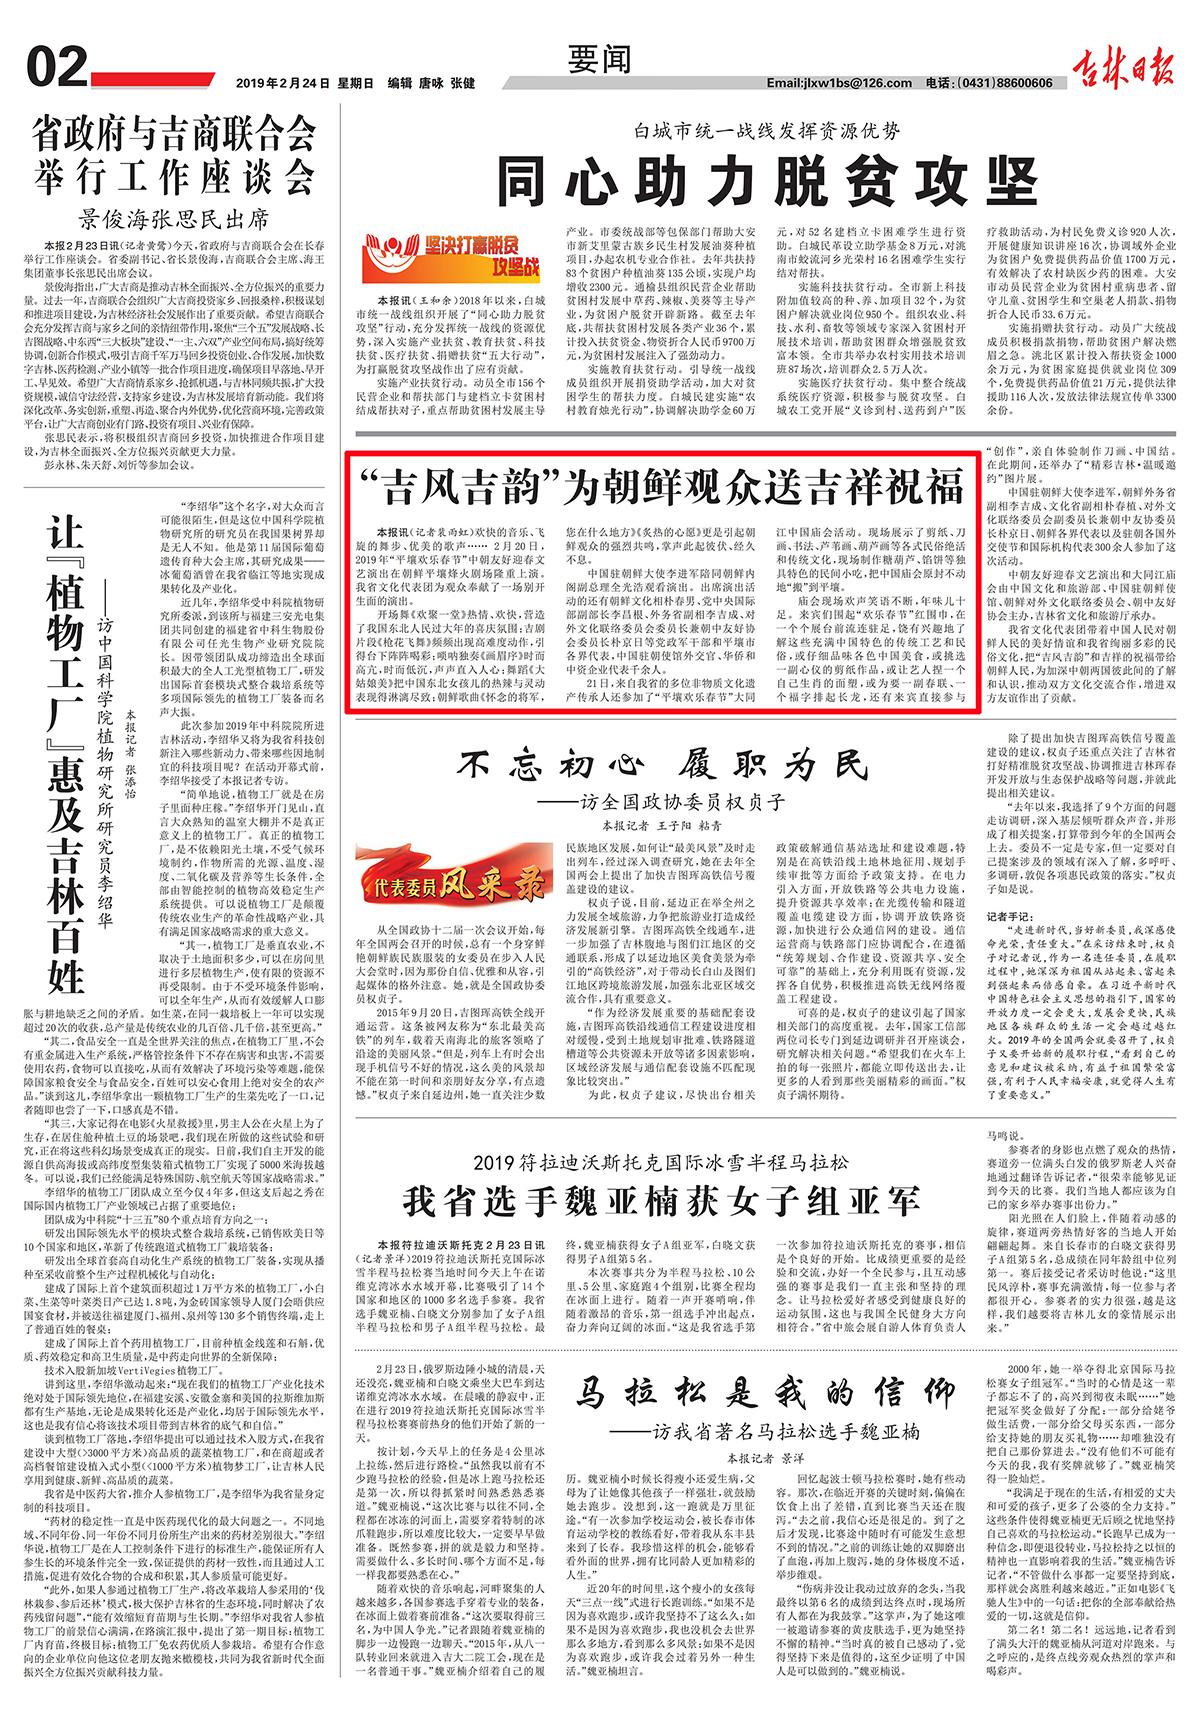 """""""吉风吉韵""""为朝鲜观众送吉祥祝福(2019年2月24日 吉林日报报道)"""